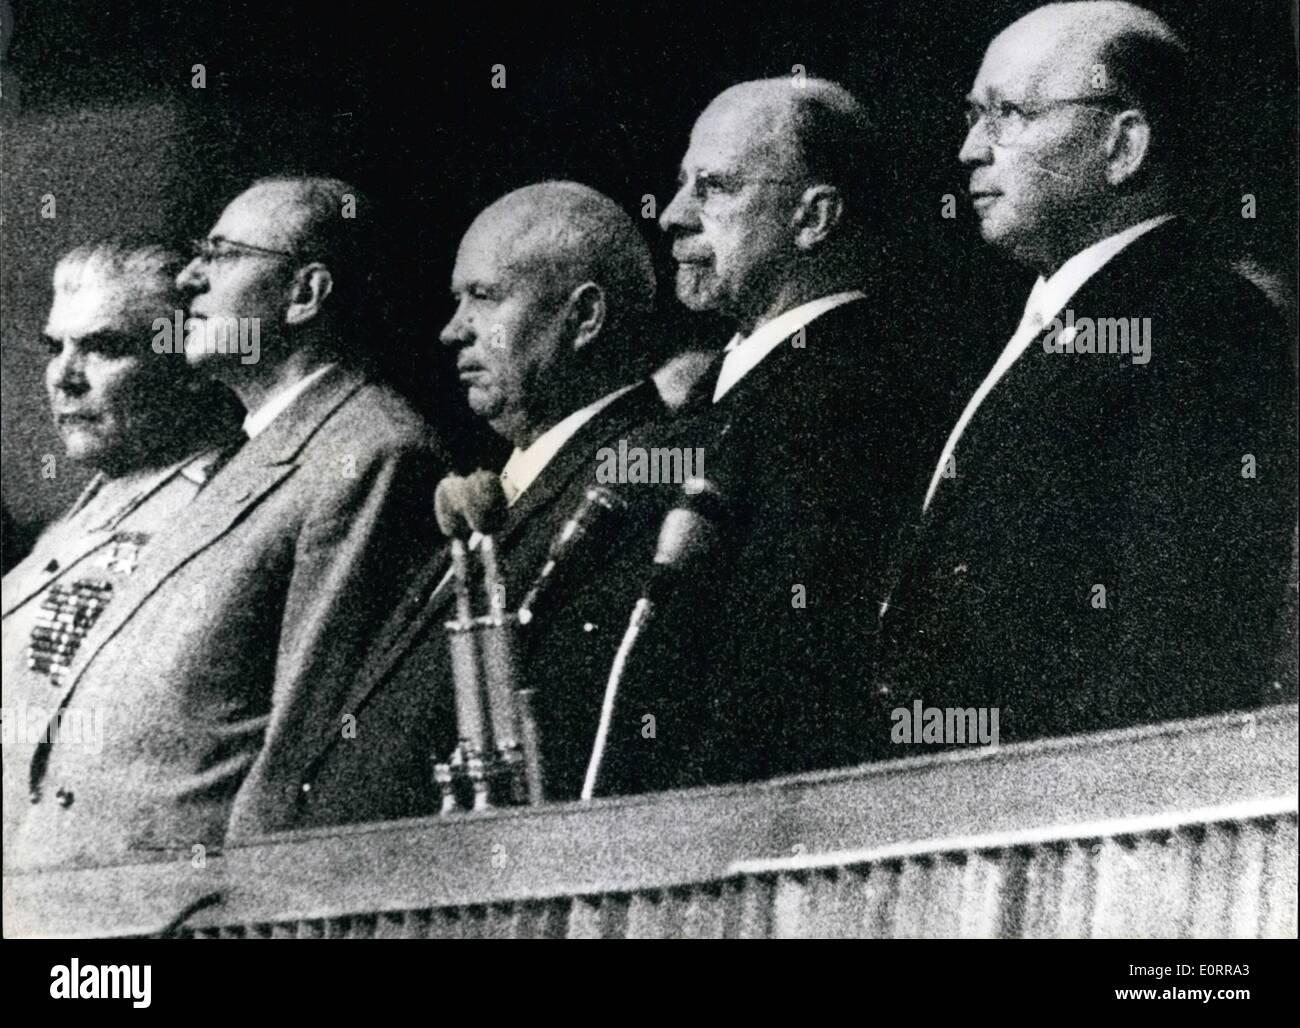 """Mayo 05, 1960 - El Sr. Khruschev comer en su discurso en Berlín el pasado viernes, dijo que el actual stuation en Berlín tendría que mantenerse hasta la otra Cumbre. Dijo que Rusia """"nada que empeoran la situación internacional''- y traer de vuelta a la guerra fría. De hecho, dijo que su país ayudaría hacer todo lo posible para lograr una mejora en las relaciones internacionales. Muestra fotográfica: Sres. Imagen De Stock"""